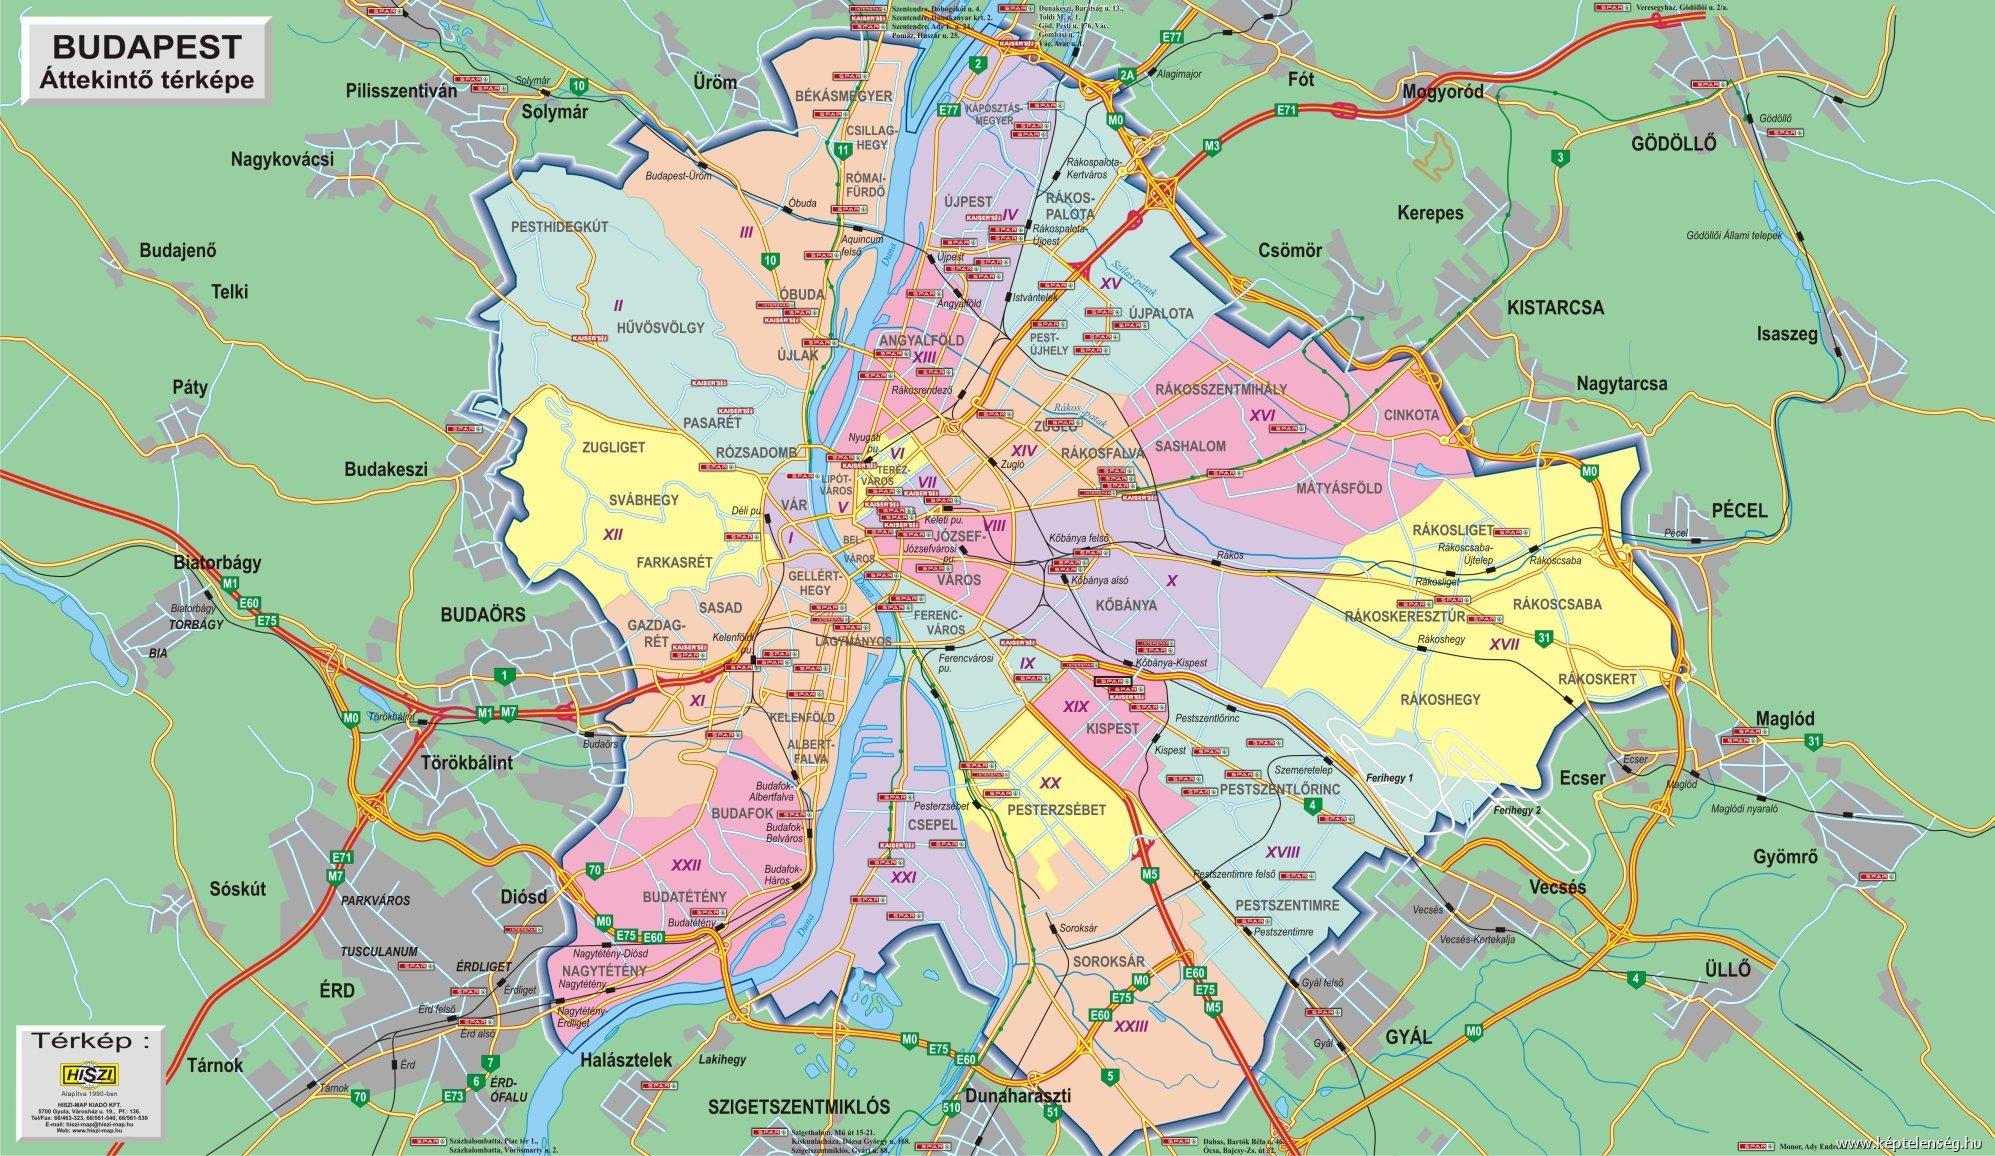 budapest körgyűrű térkép Kerítés épül Budapest köré | HírCsárda budapest körgyűrű térkép